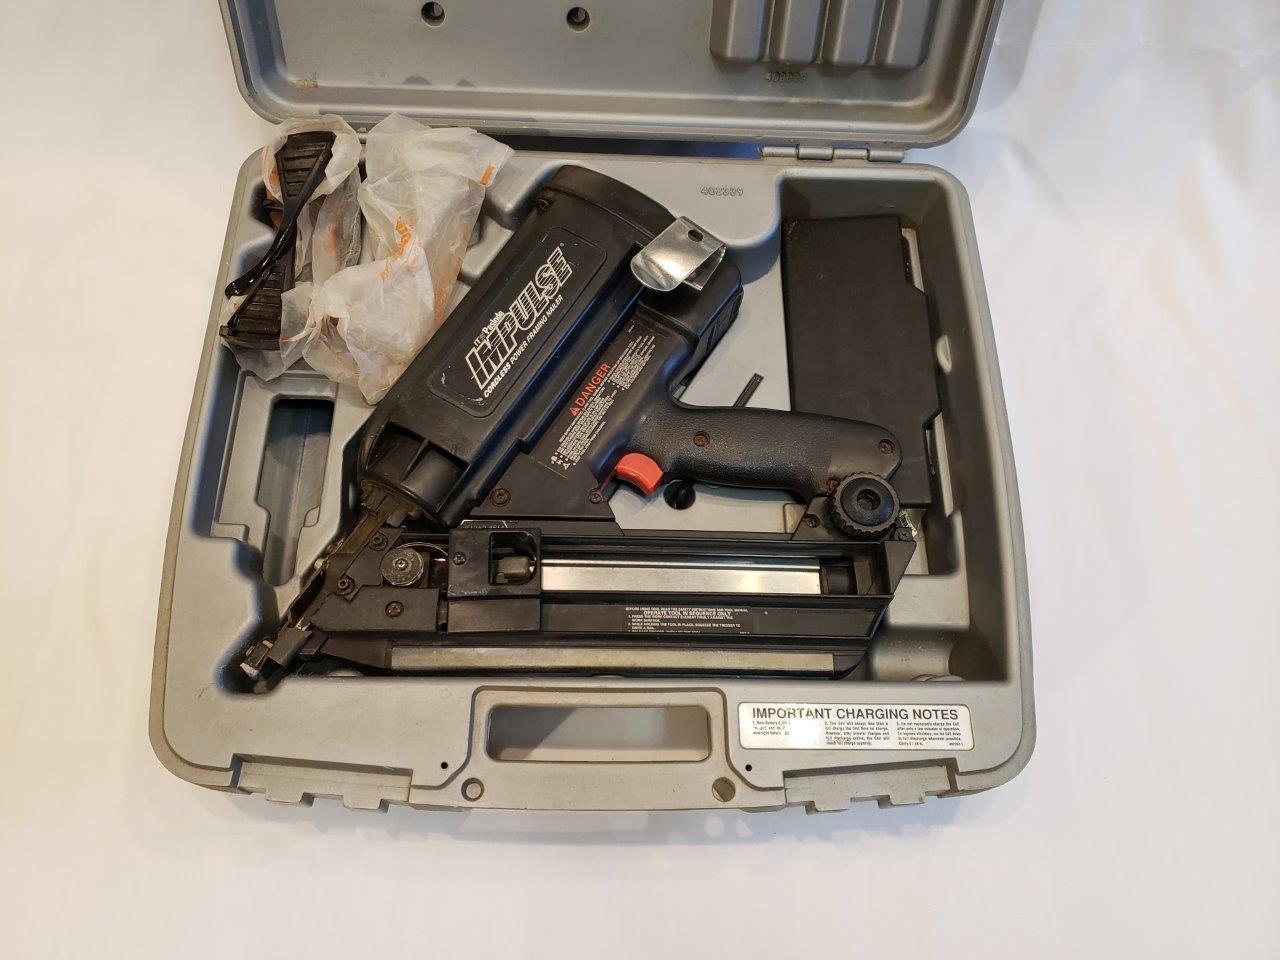 ITW Paslode Impulse Model IM325 Framing Nailer, Gun Hard Case, Charger, Eye Protection IM-325